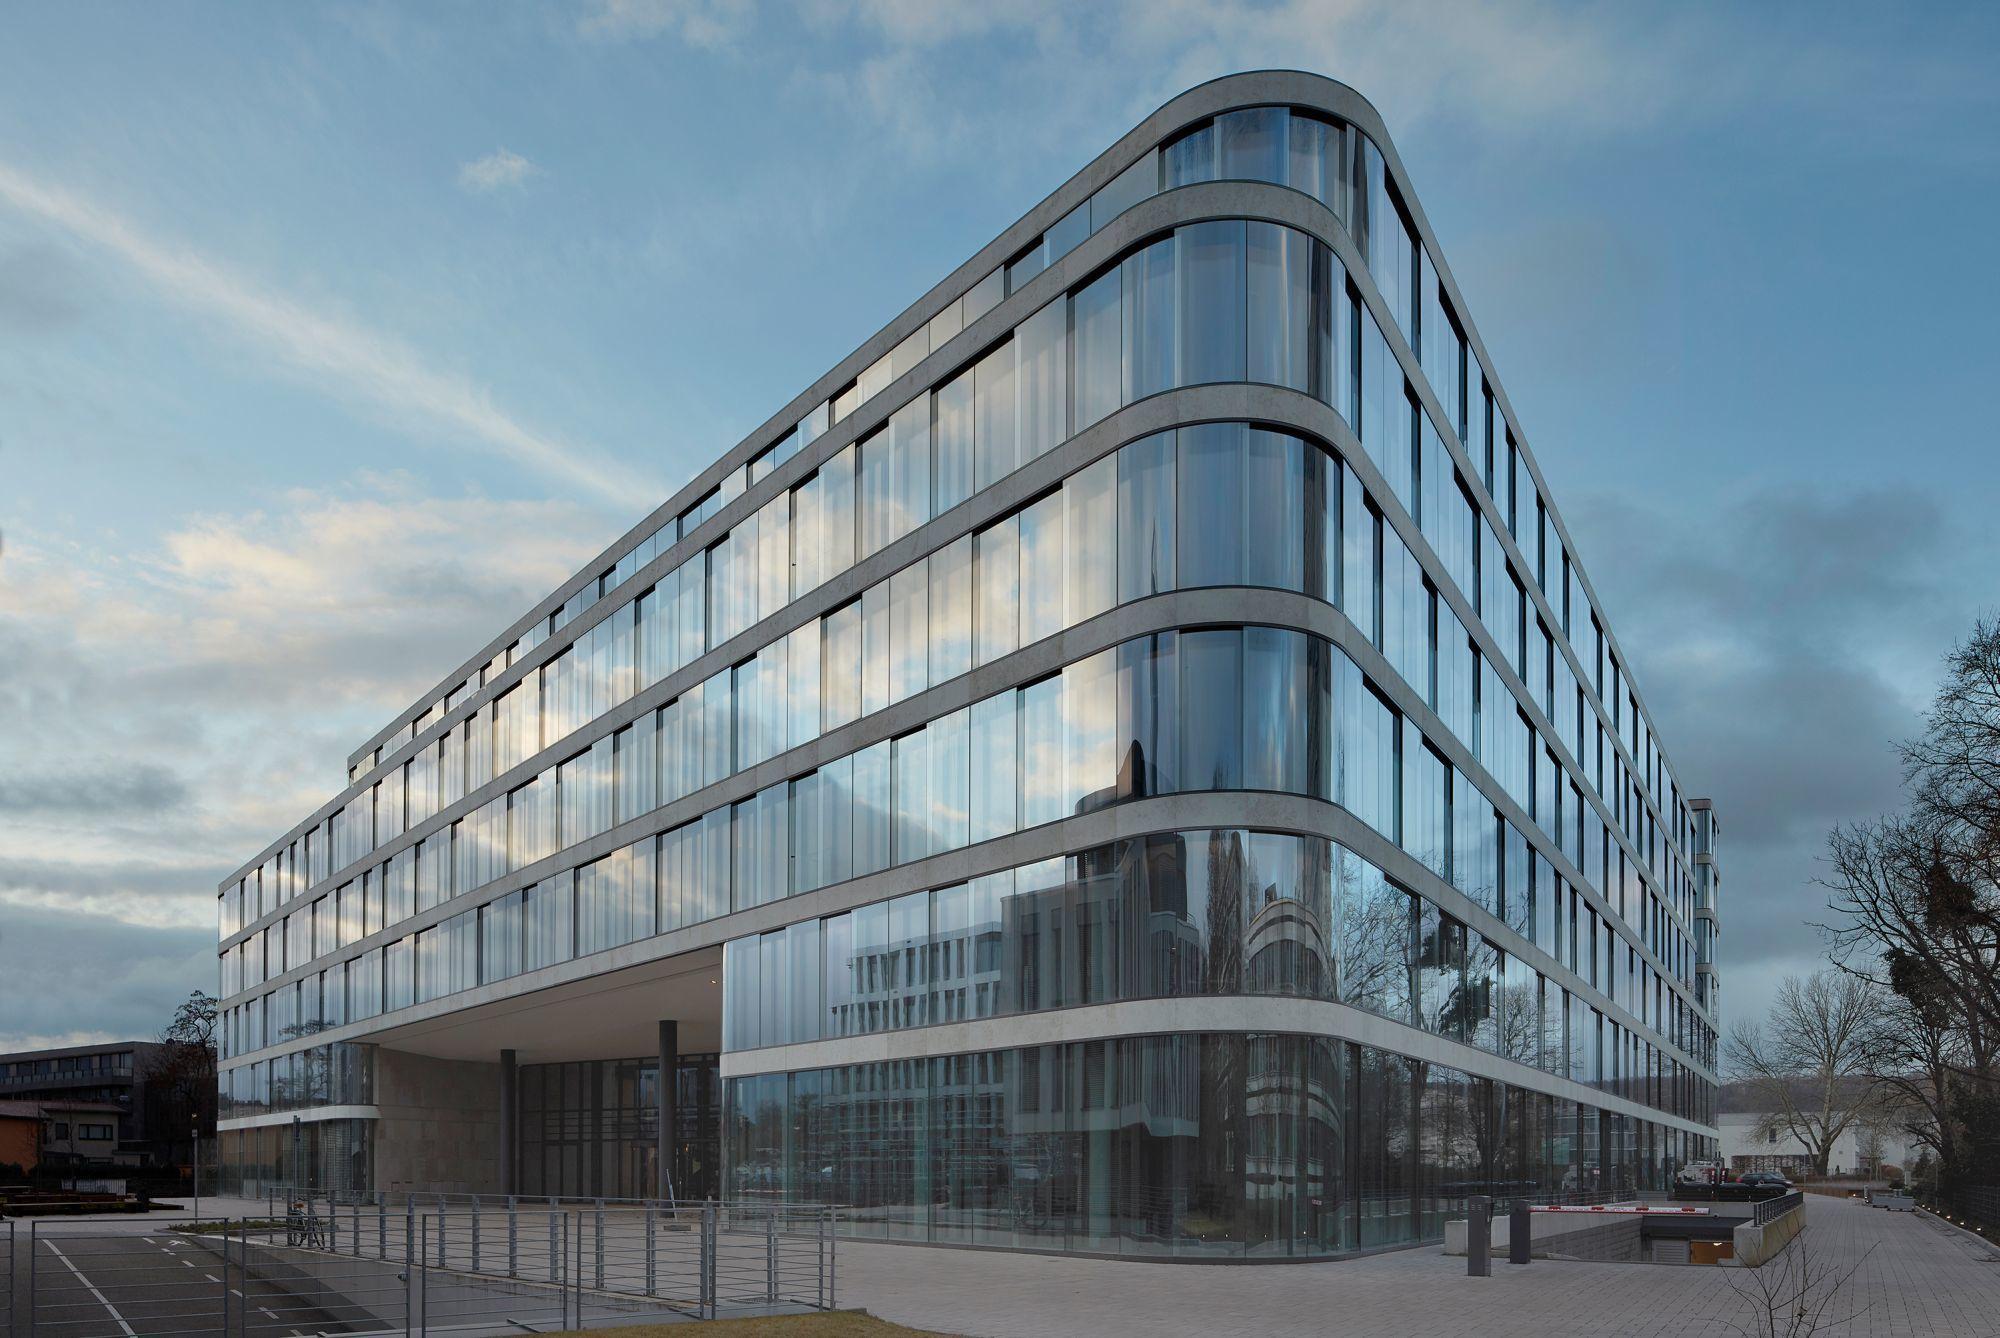 Gewaltig Rmp Landschaftsarchitekten Beste Wahl Office Building Fgs, Bonn